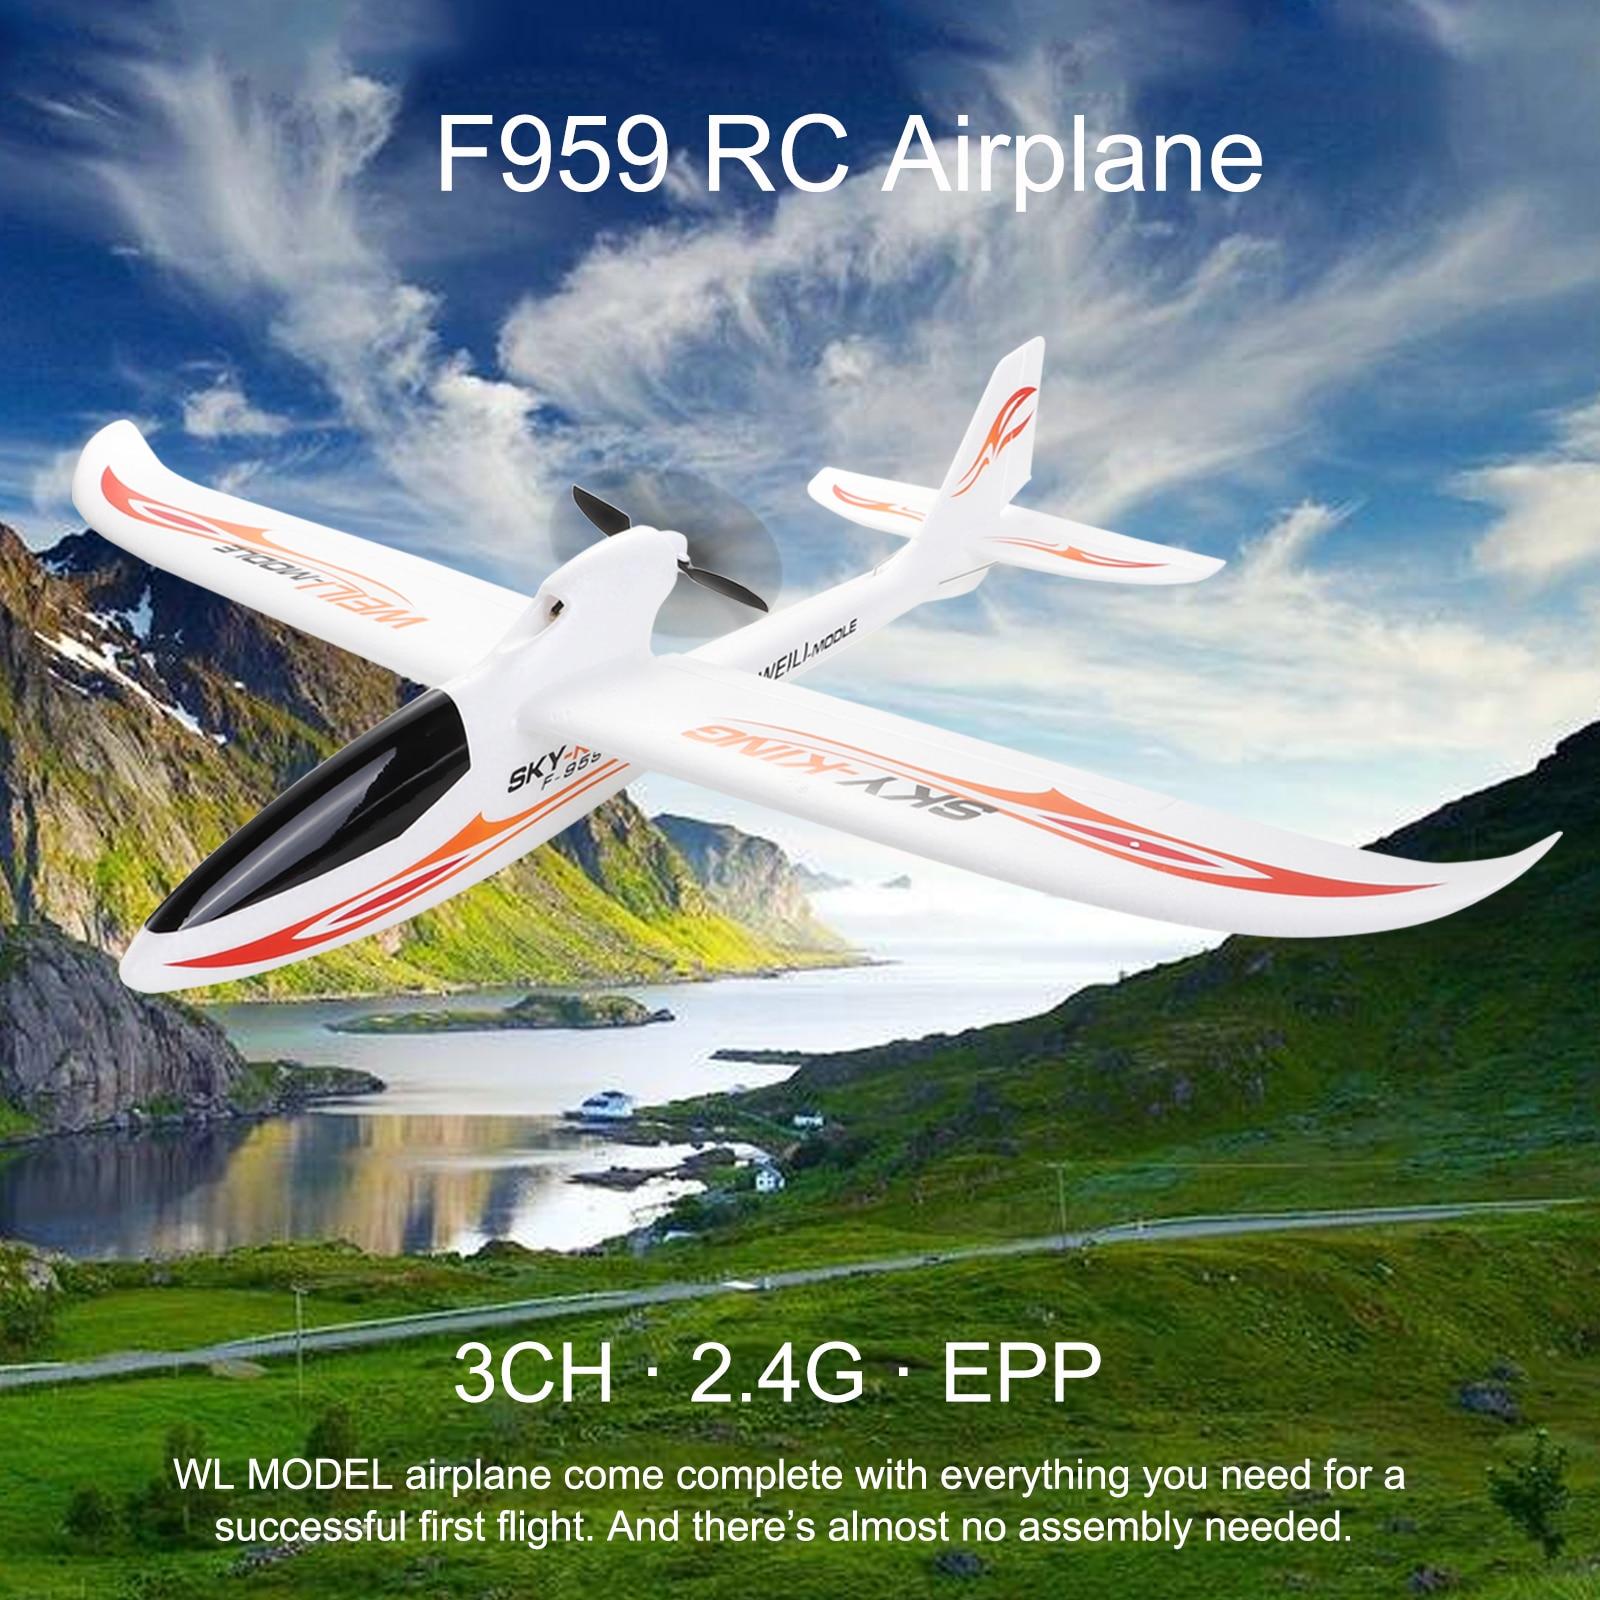 Avion Wltoys F959 FLY 2.4G 3CH RC avion Version RTF aile fixe modèle volant